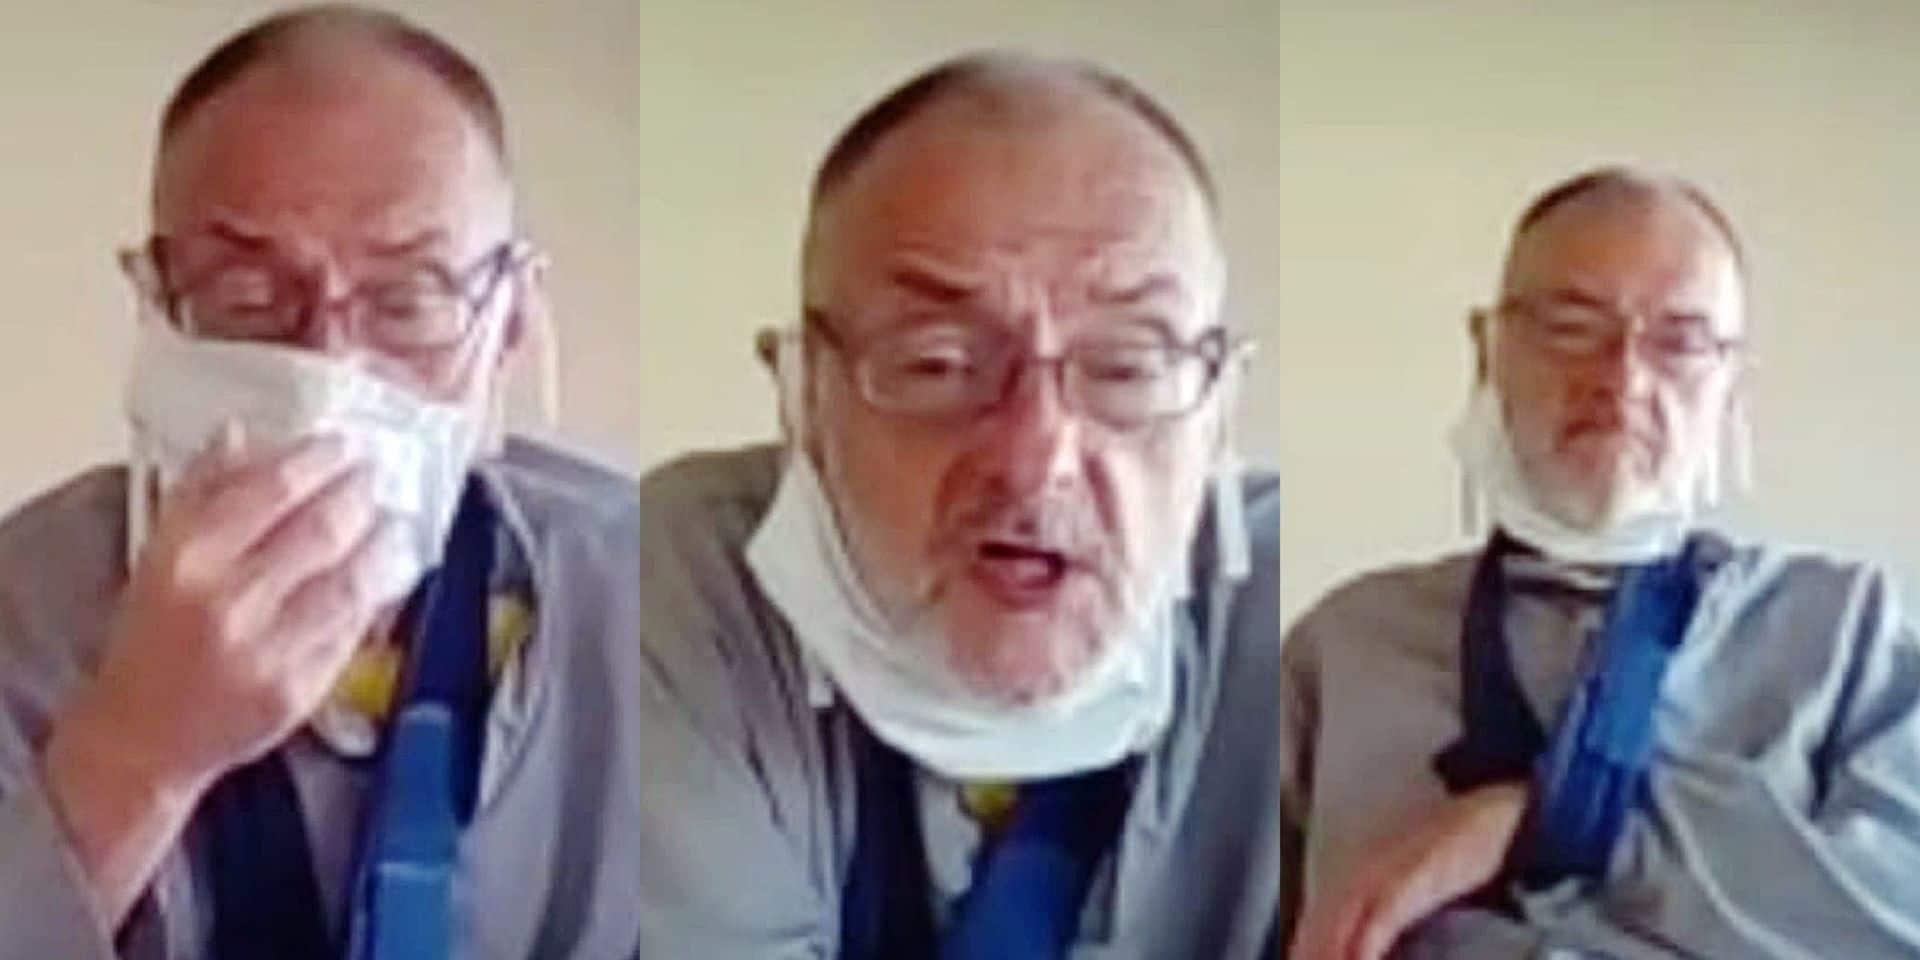 """Yves Beaupain, l'Arsène Lupin belge, proteste : """"je suis un détenu francophone privé de son procès en Flandre"""""""